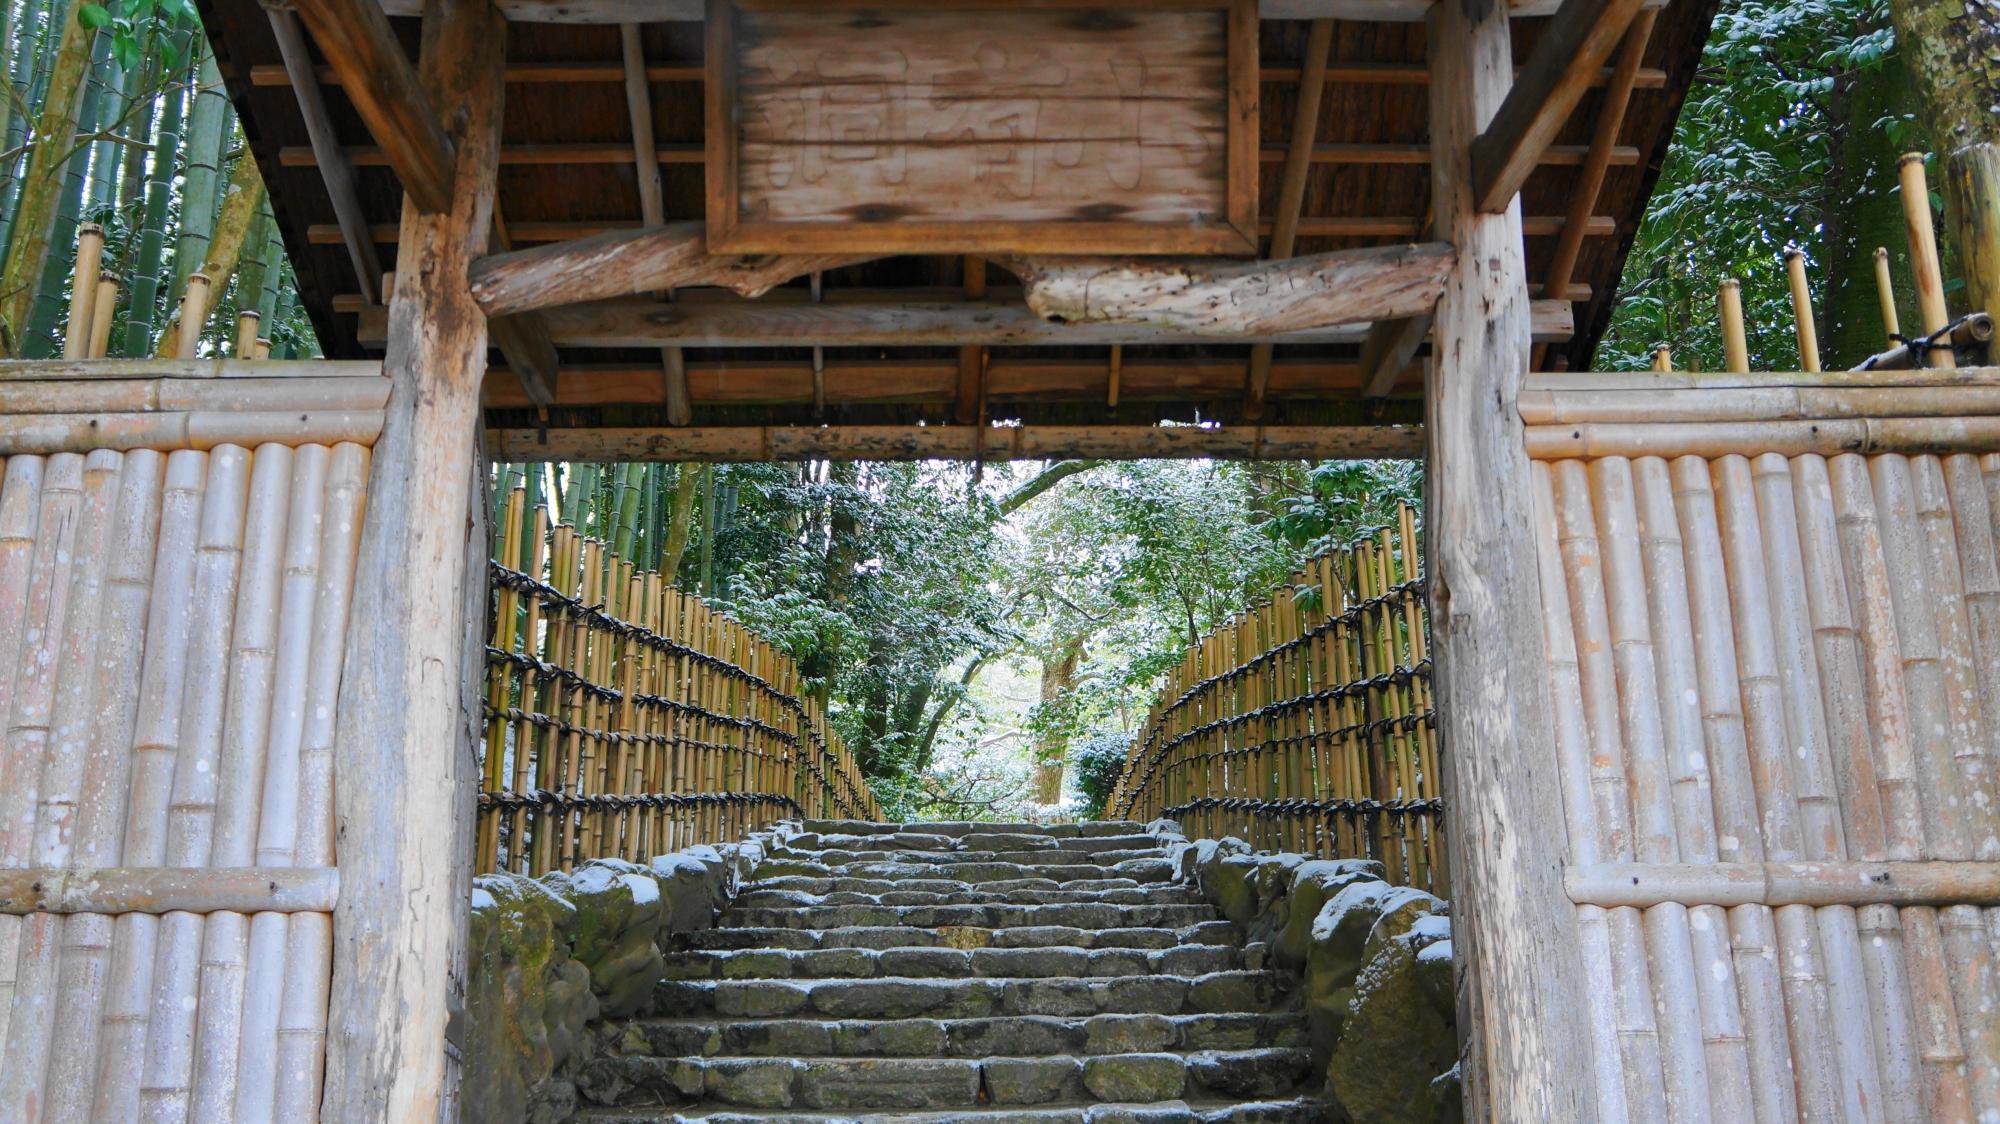 詩仙堂の雪の石段と参道